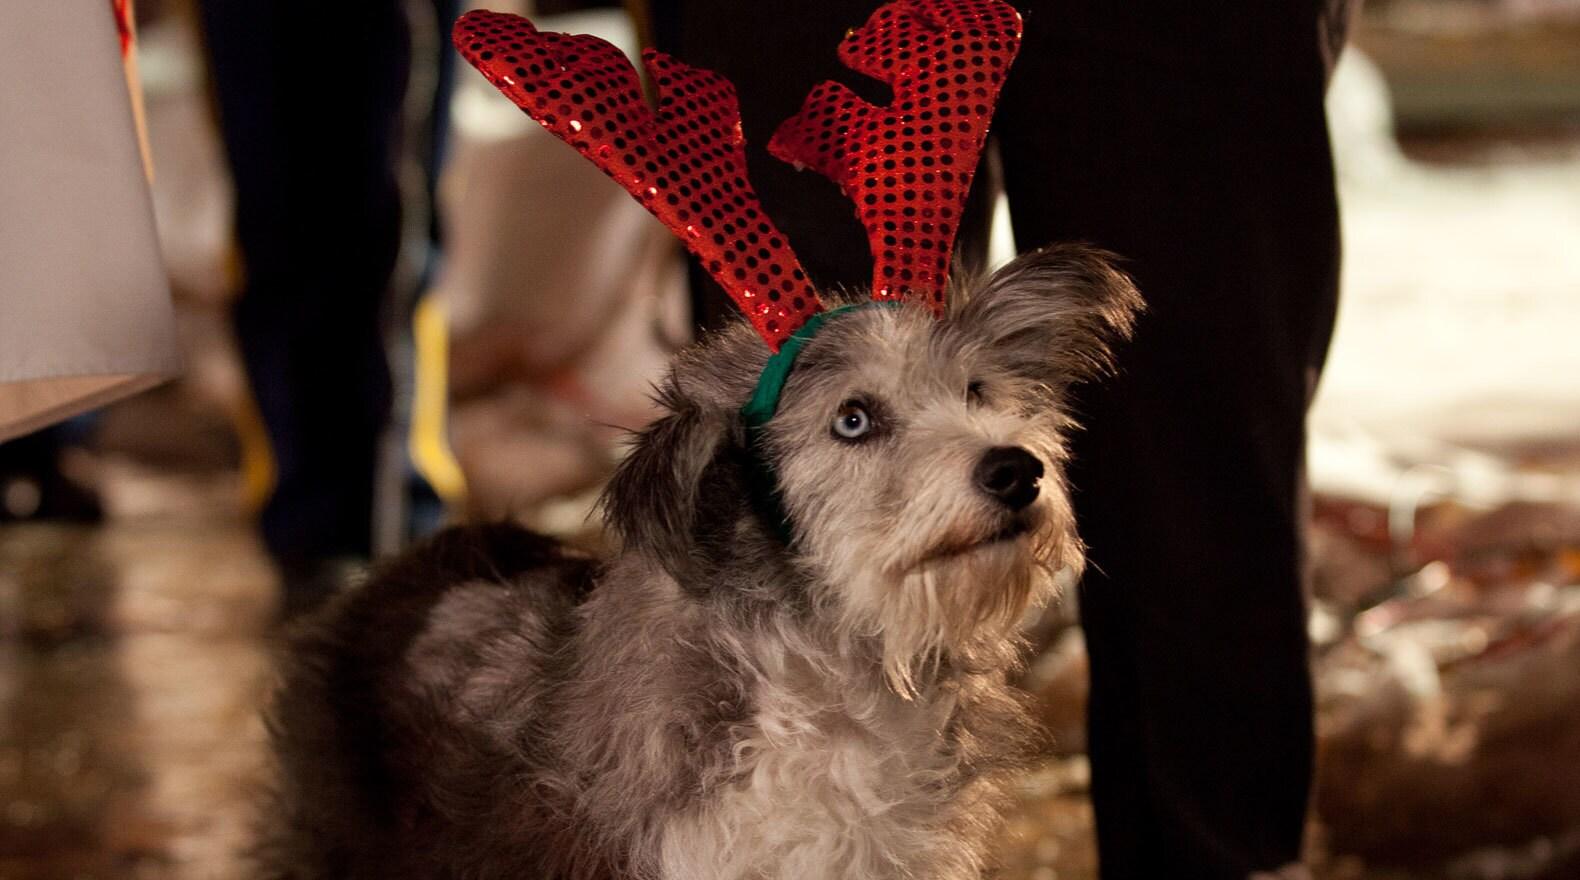 Dog wearing an antler hat